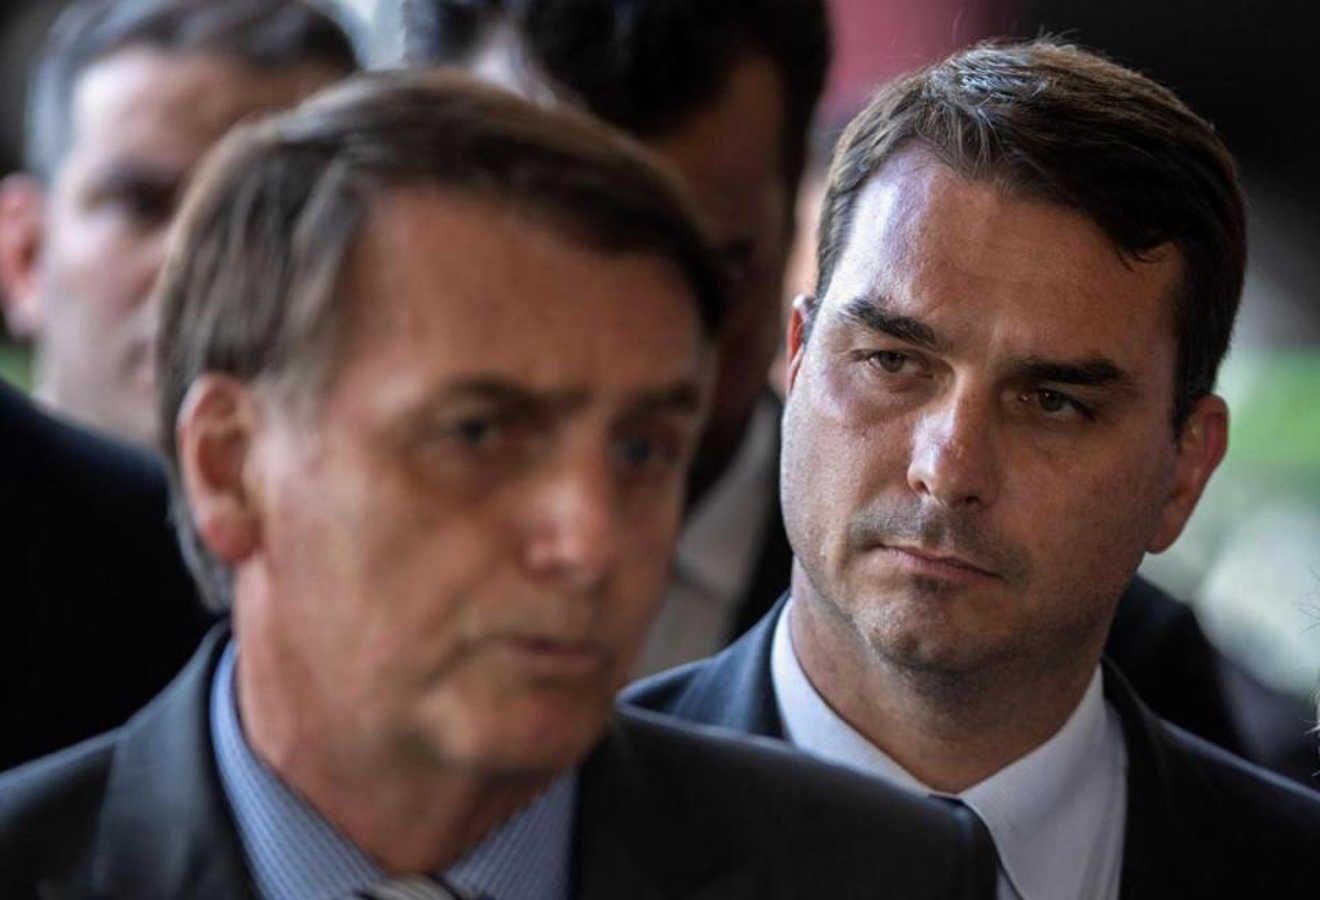 Hijo de Bolsonaro niega acusaciones de corrupción y denuncia